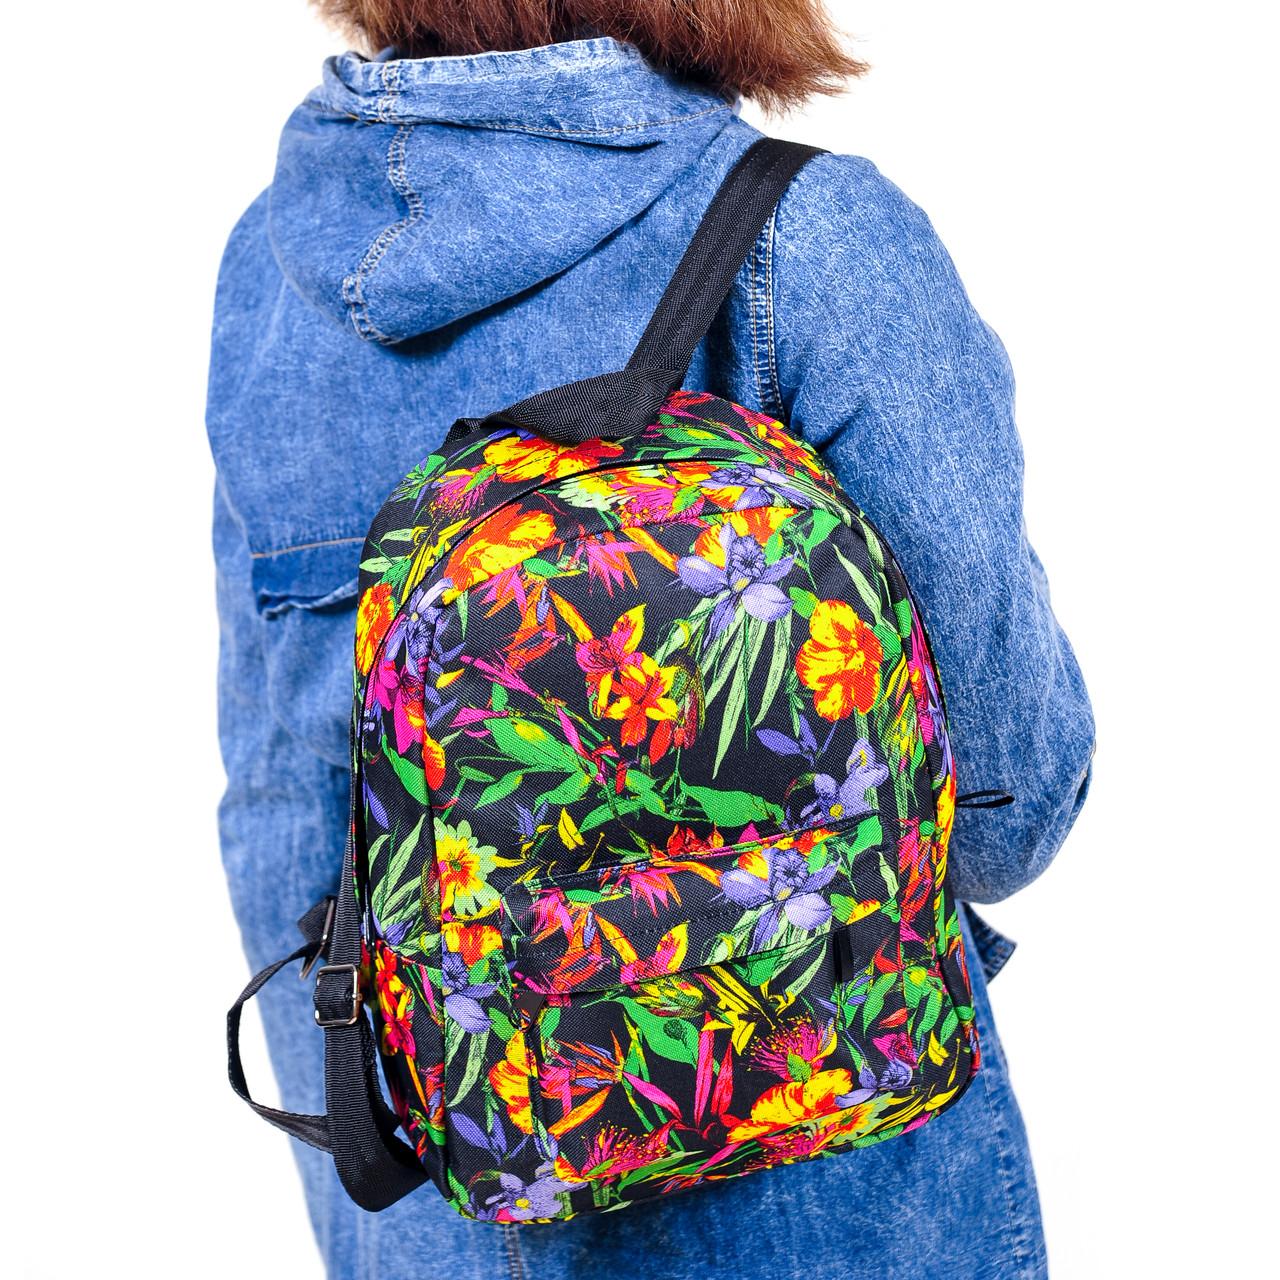 b00121fbc2a0 Молодежный Рюкзак с Цветочным Принтом, 7.5 Л — в Категории